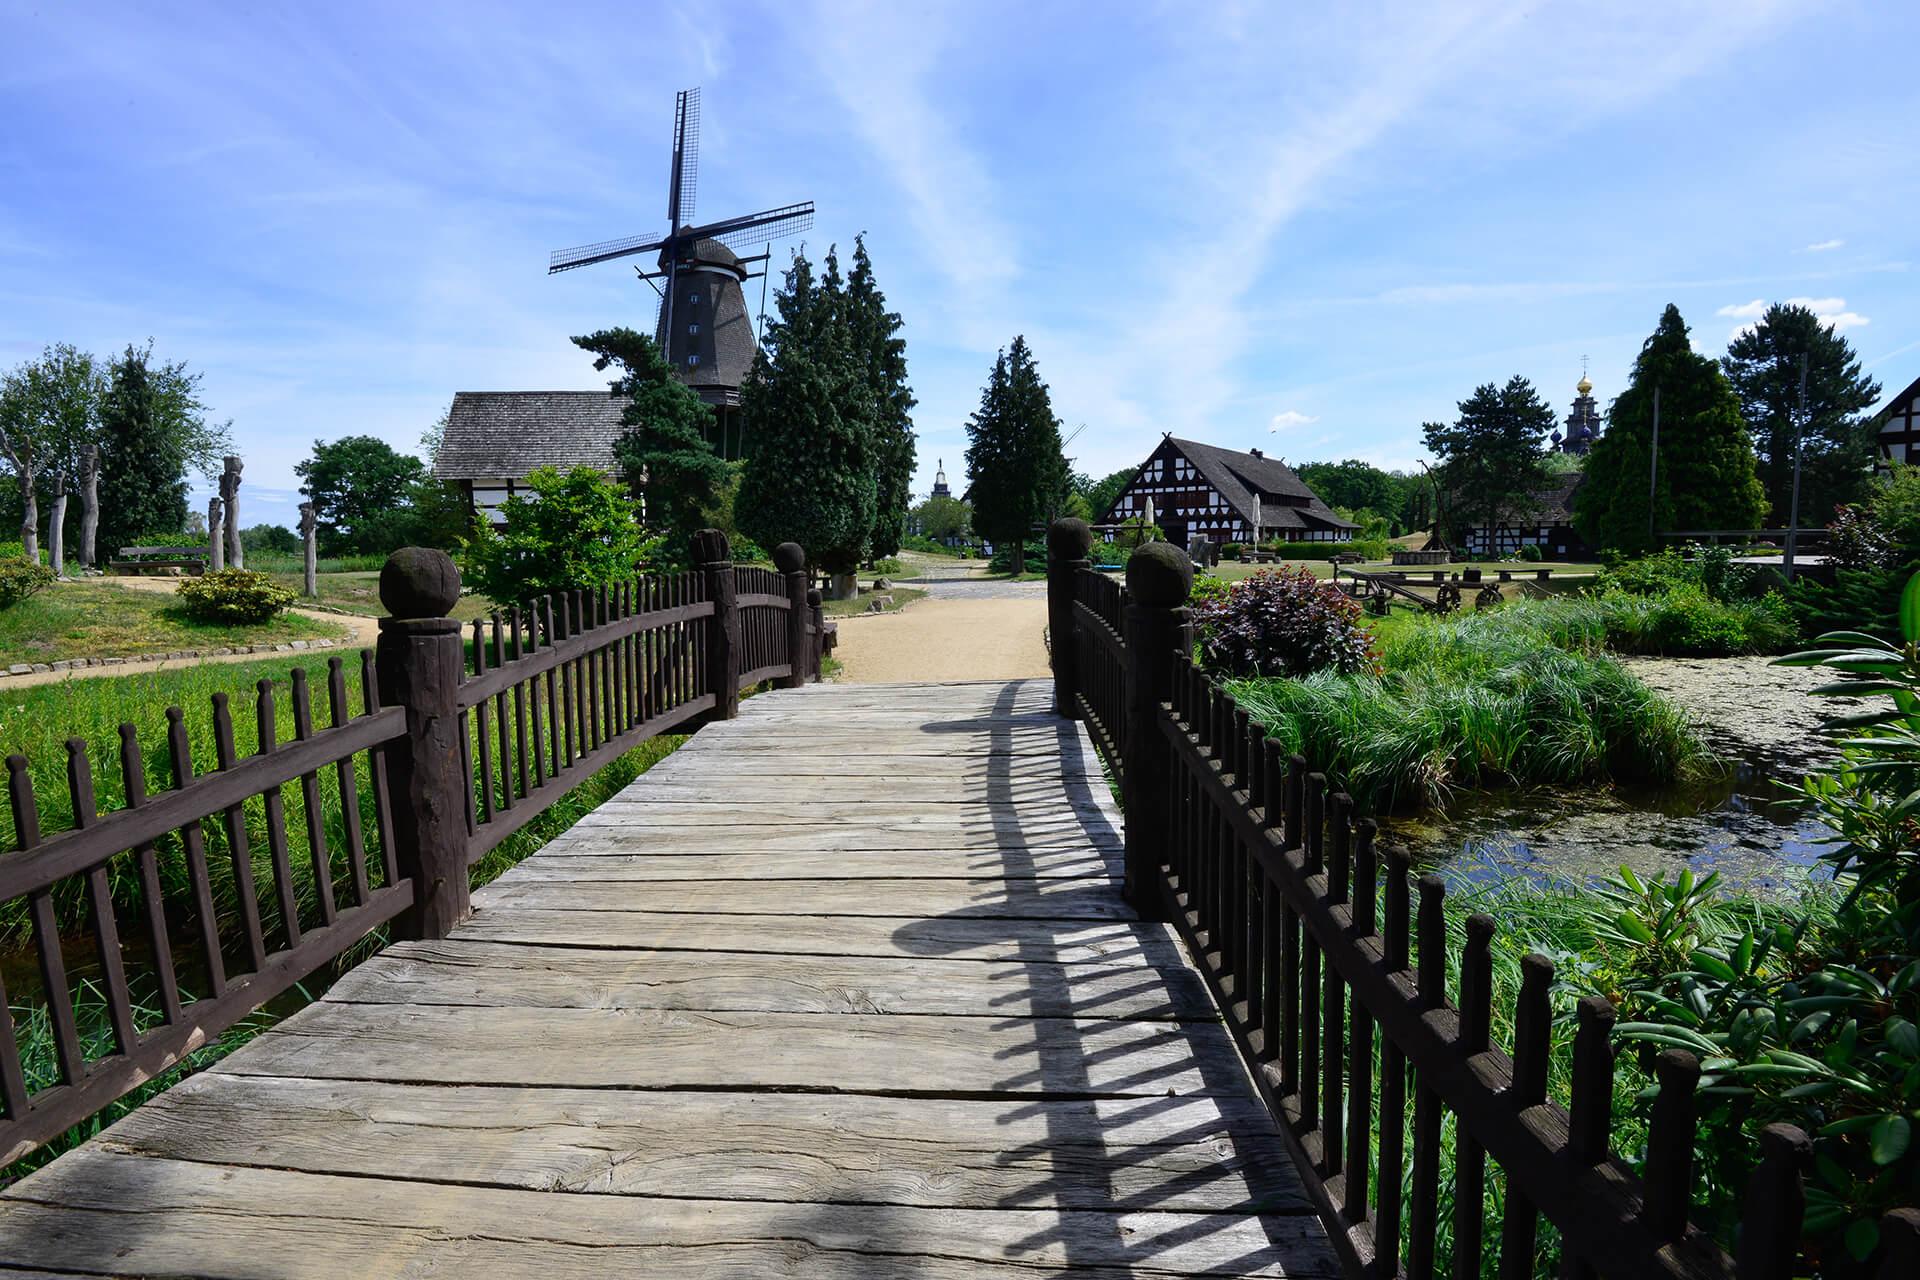 Blick auf den Niedersachsenplatz im Mühlenmuseum Gifhorn